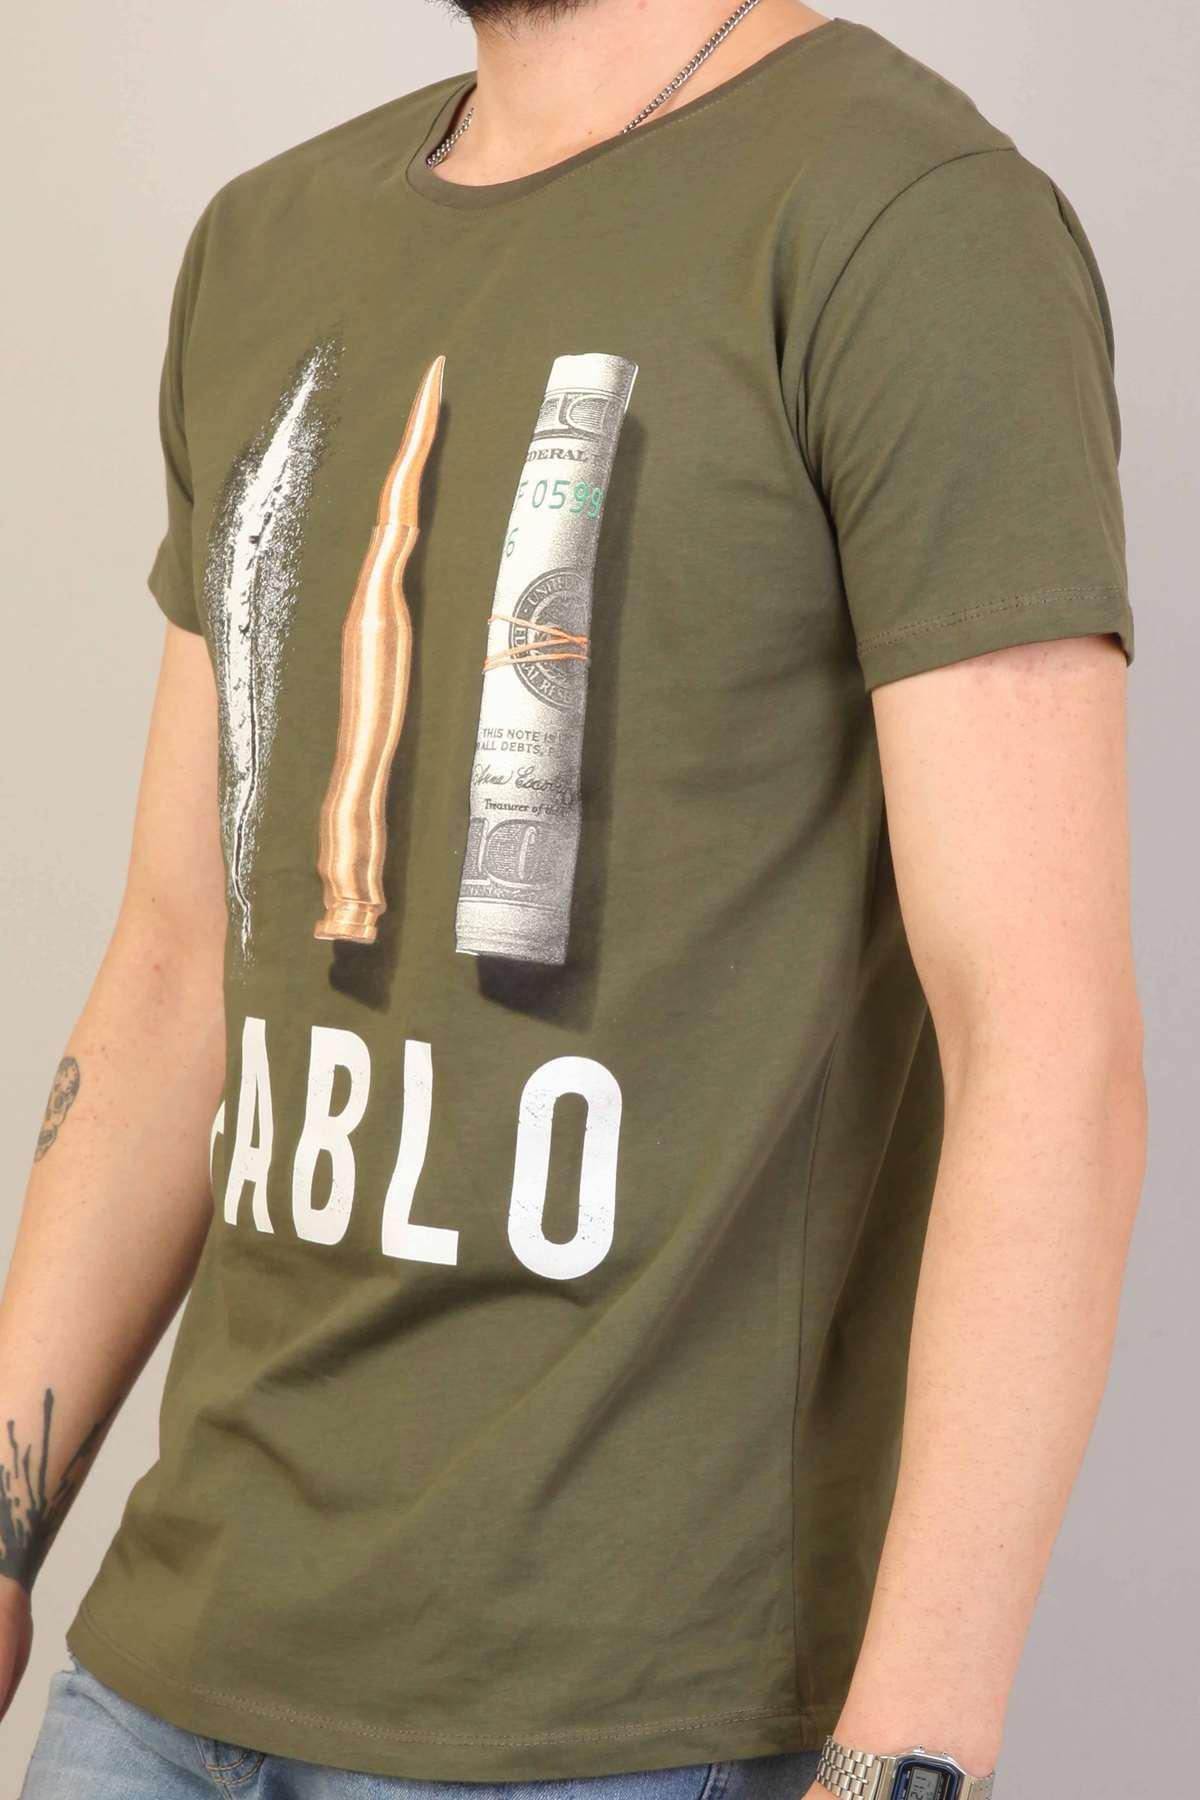 Pablo Yazılı Resim Baskılı Simit Yaka Tişört Haki